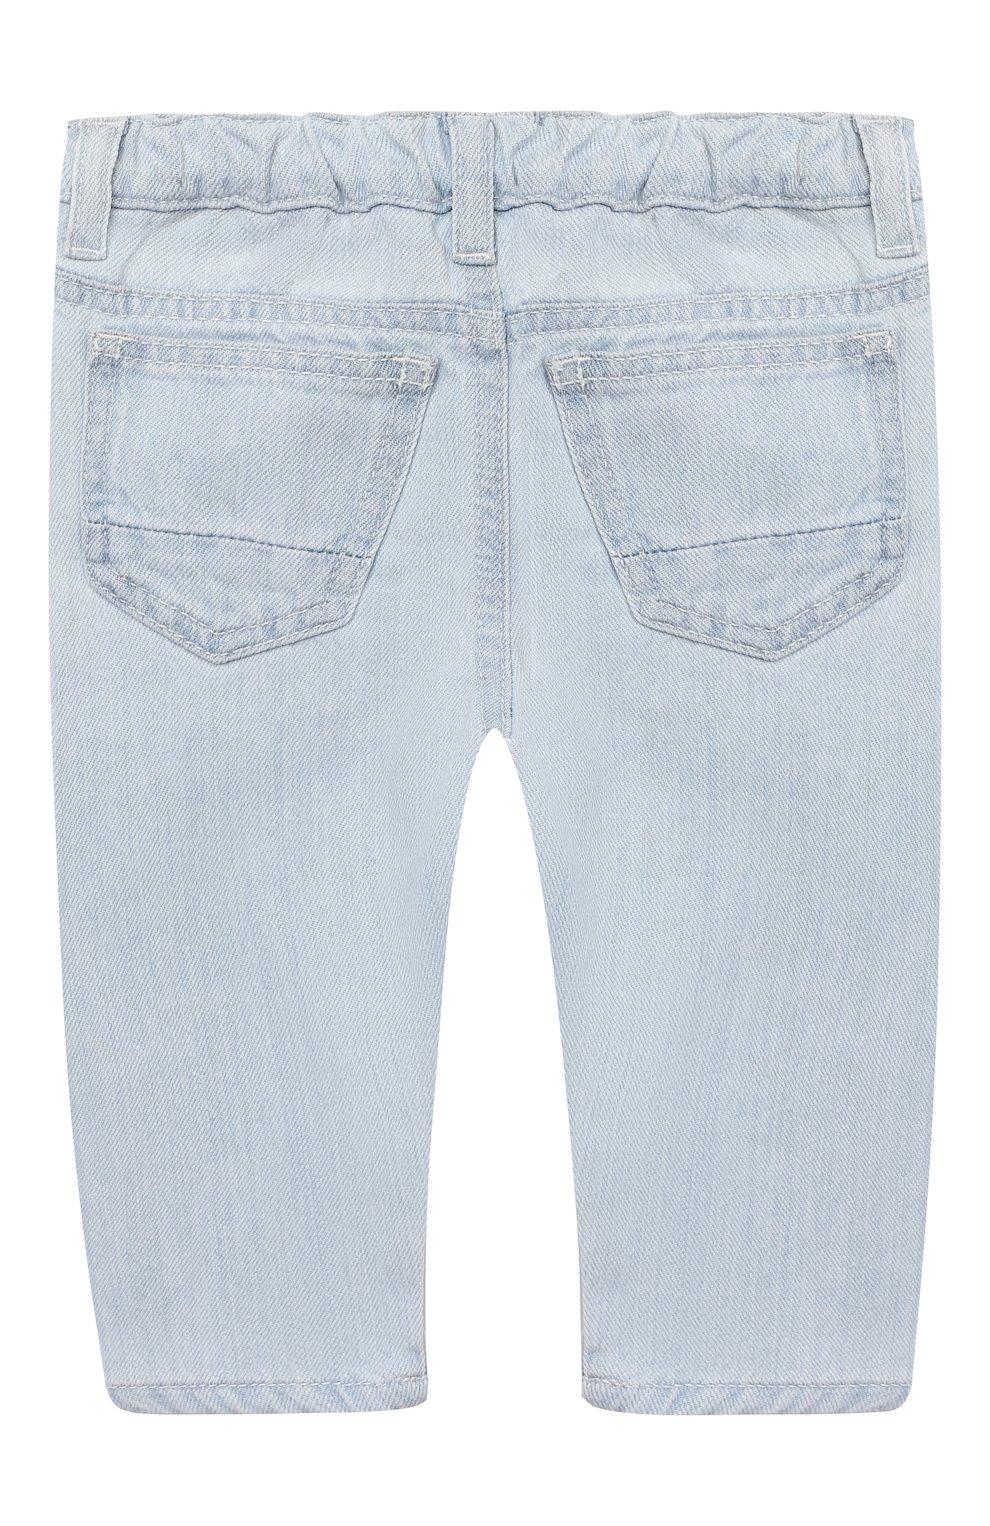 Детские джинсы EMPORIO ARMANI голубого цвета, арт. 3KHJ06/4D2KZ | Фото 2